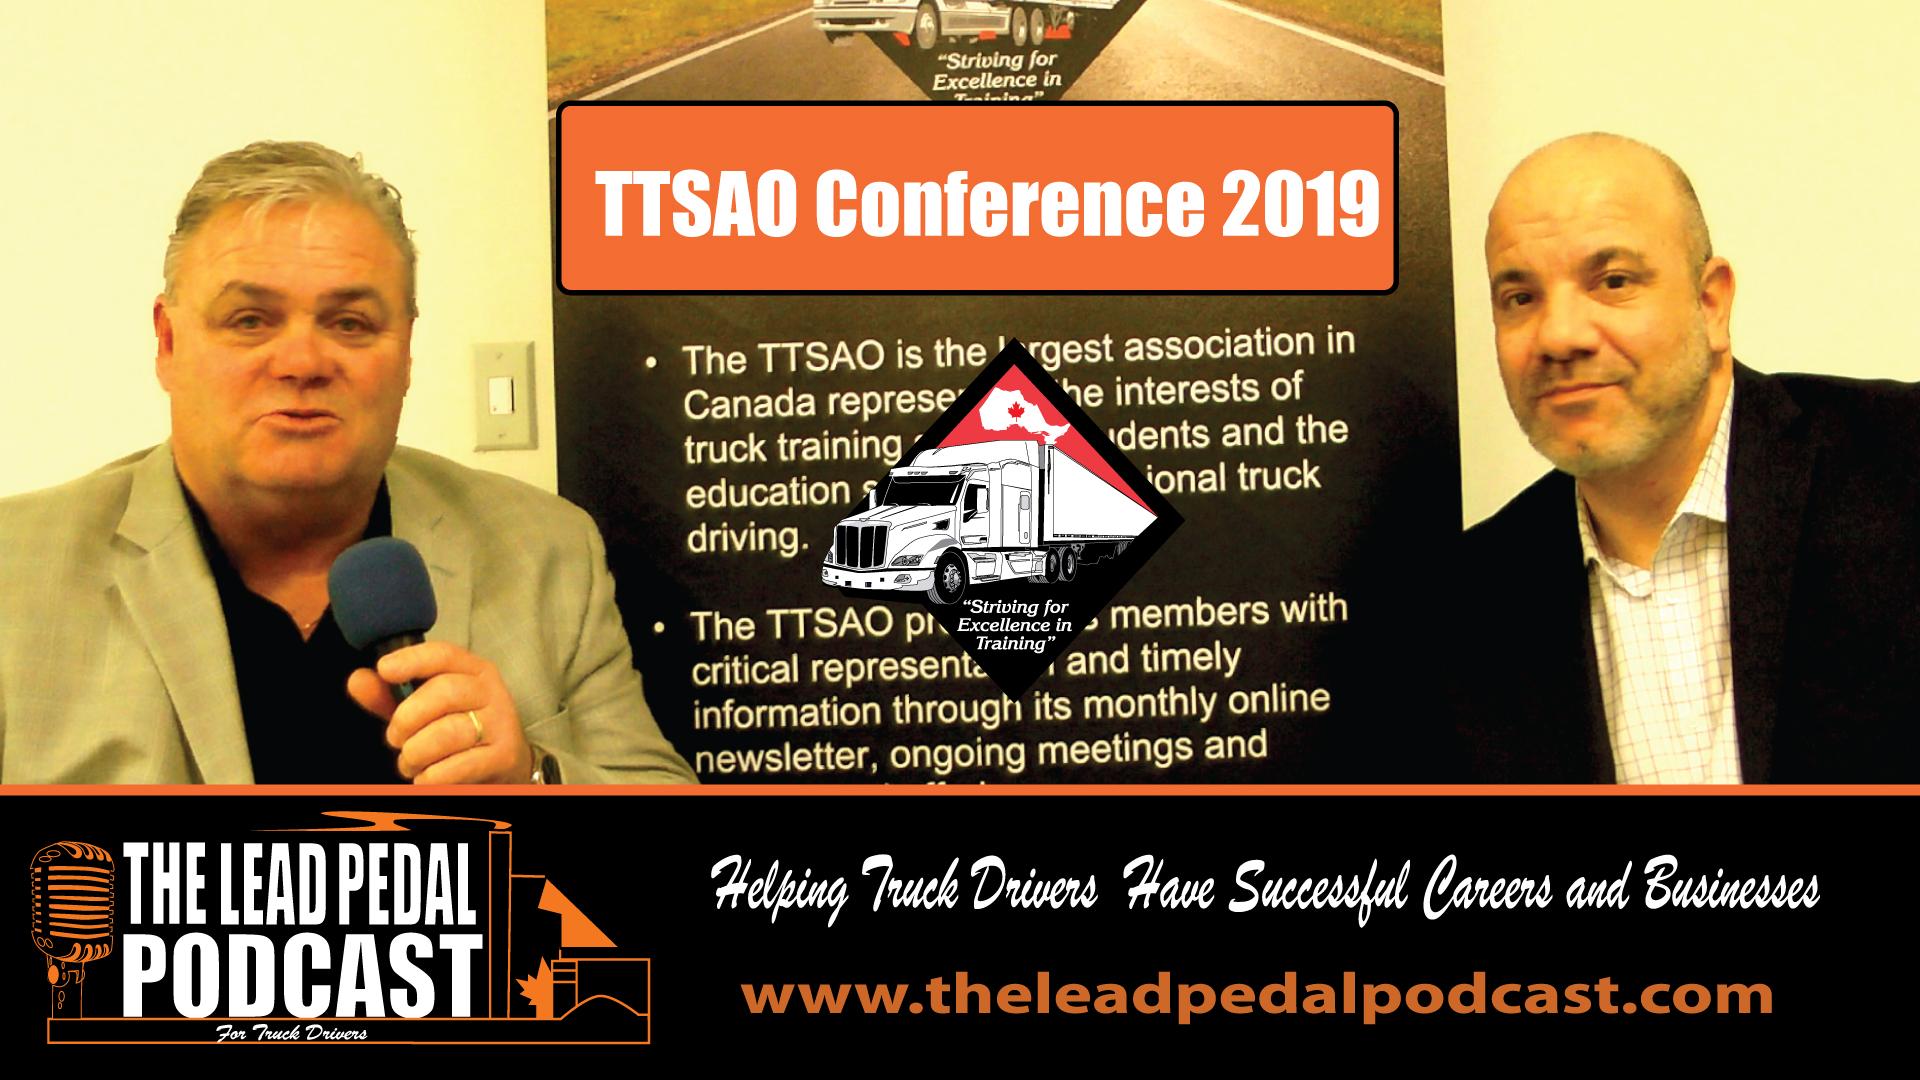 TTSAO 2019